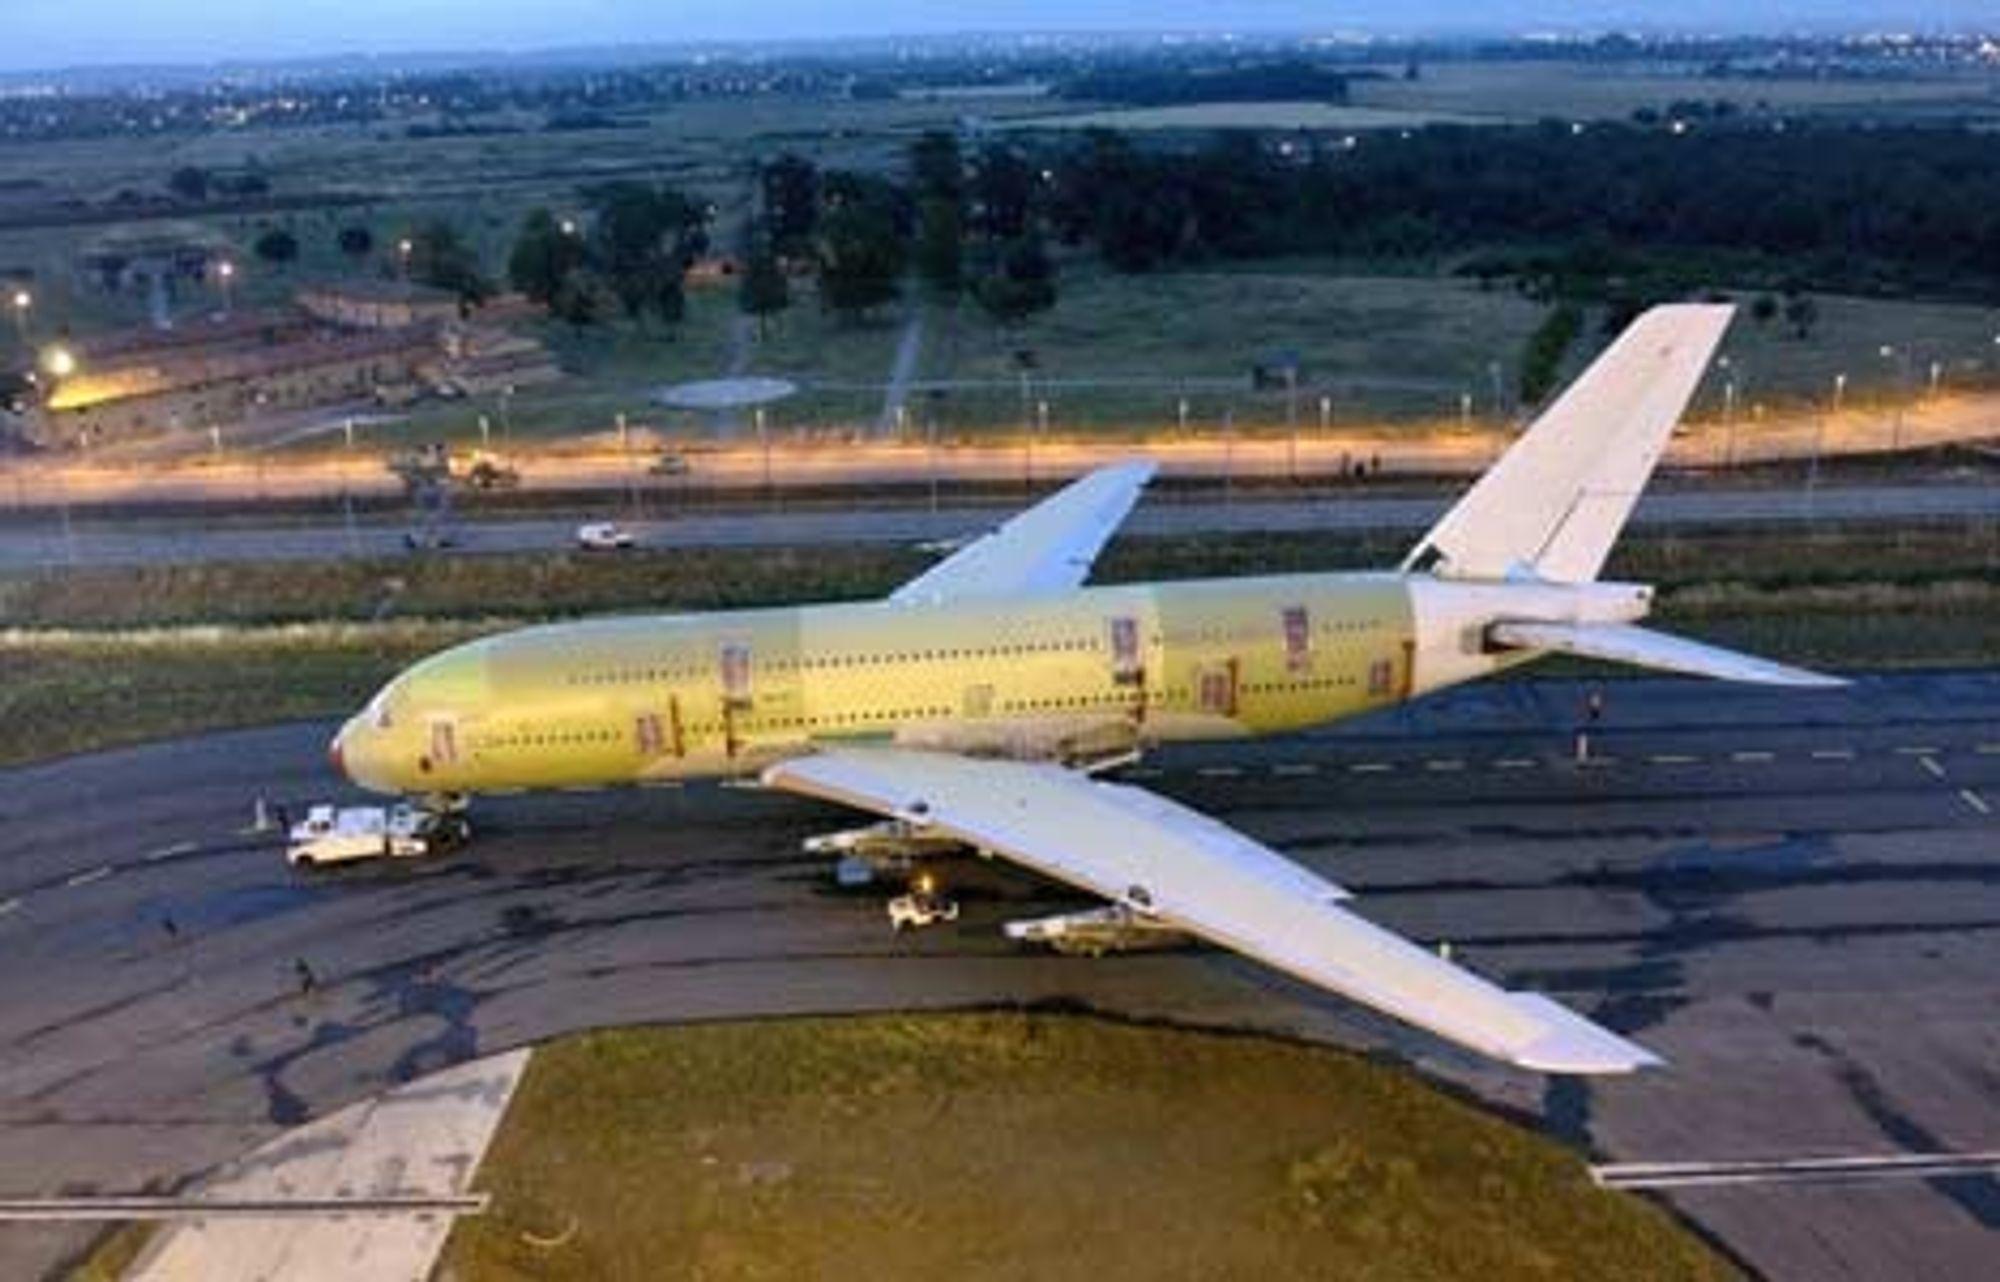 KJEMPE: Airbus A380 prototyp 001 taues her inn mot utstyrshangaren ved Airbusverkstedene utenfor Toulose. Maskinen skal prøveflys mot slutten av året, kanskje så tidlig som i august. FOTO: AIRBUS